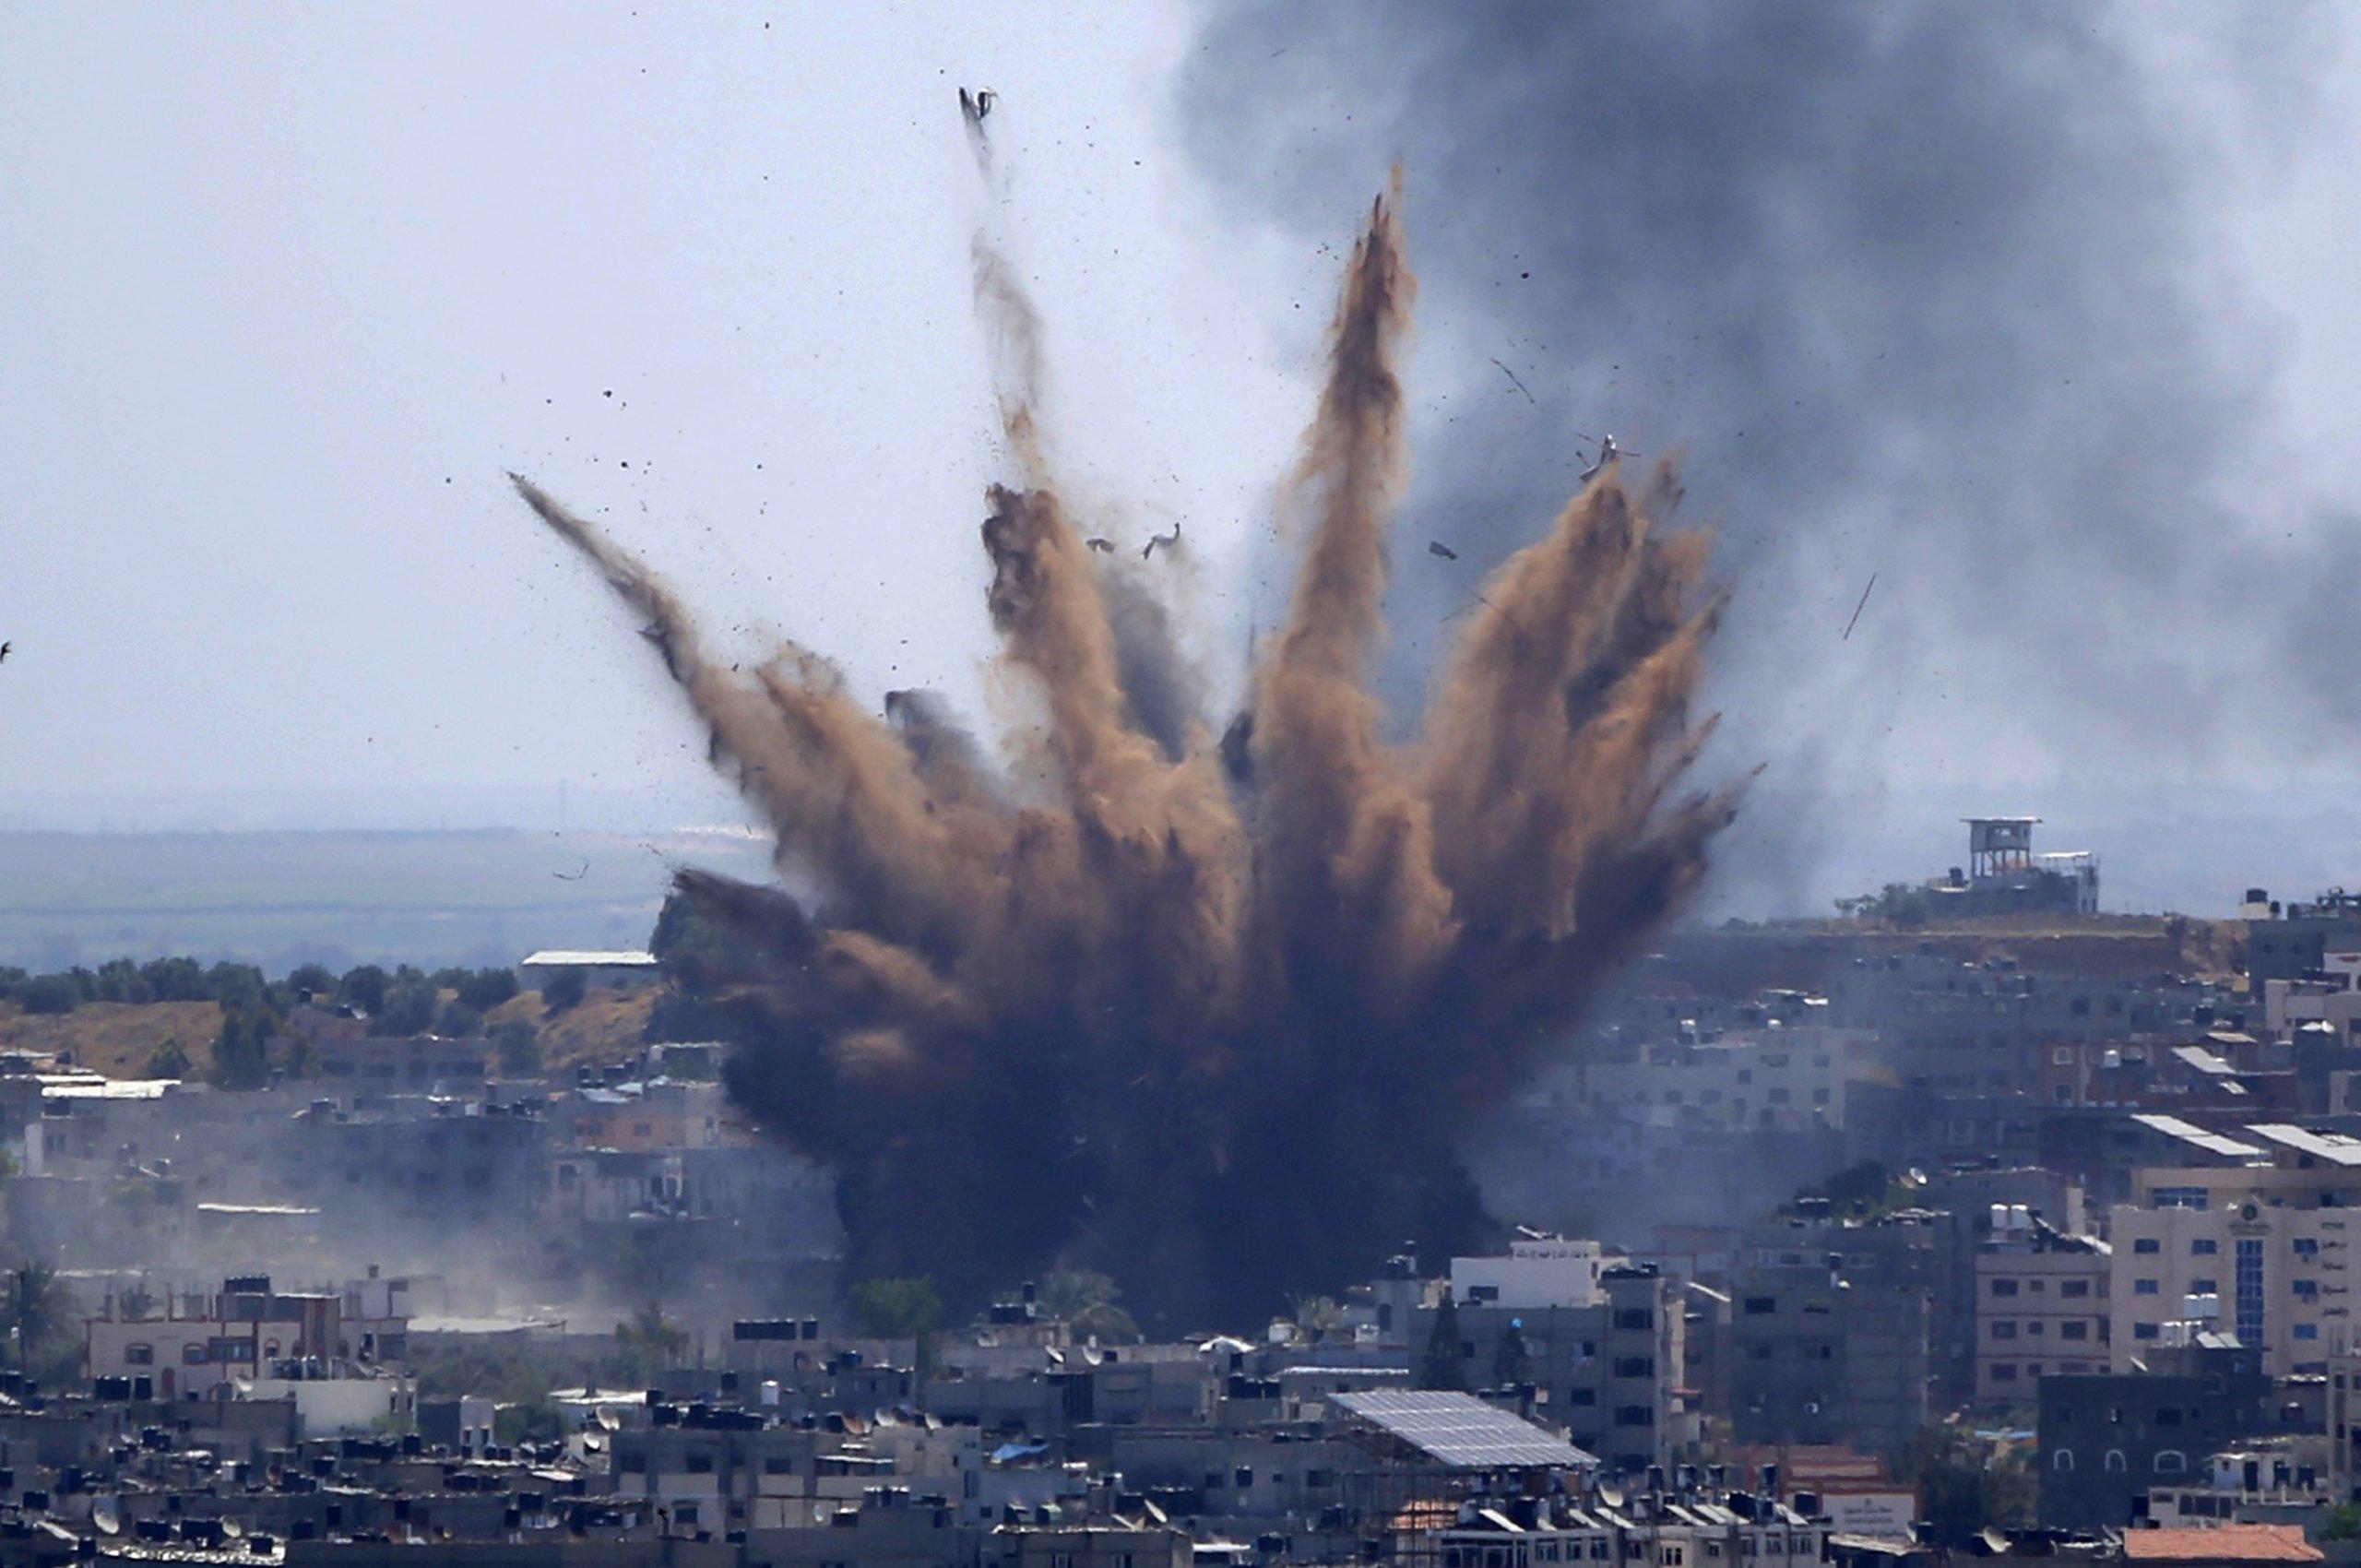 Medio Oriente: Israel despliega su artillería con ataques aéreos a la Franja de Gaza